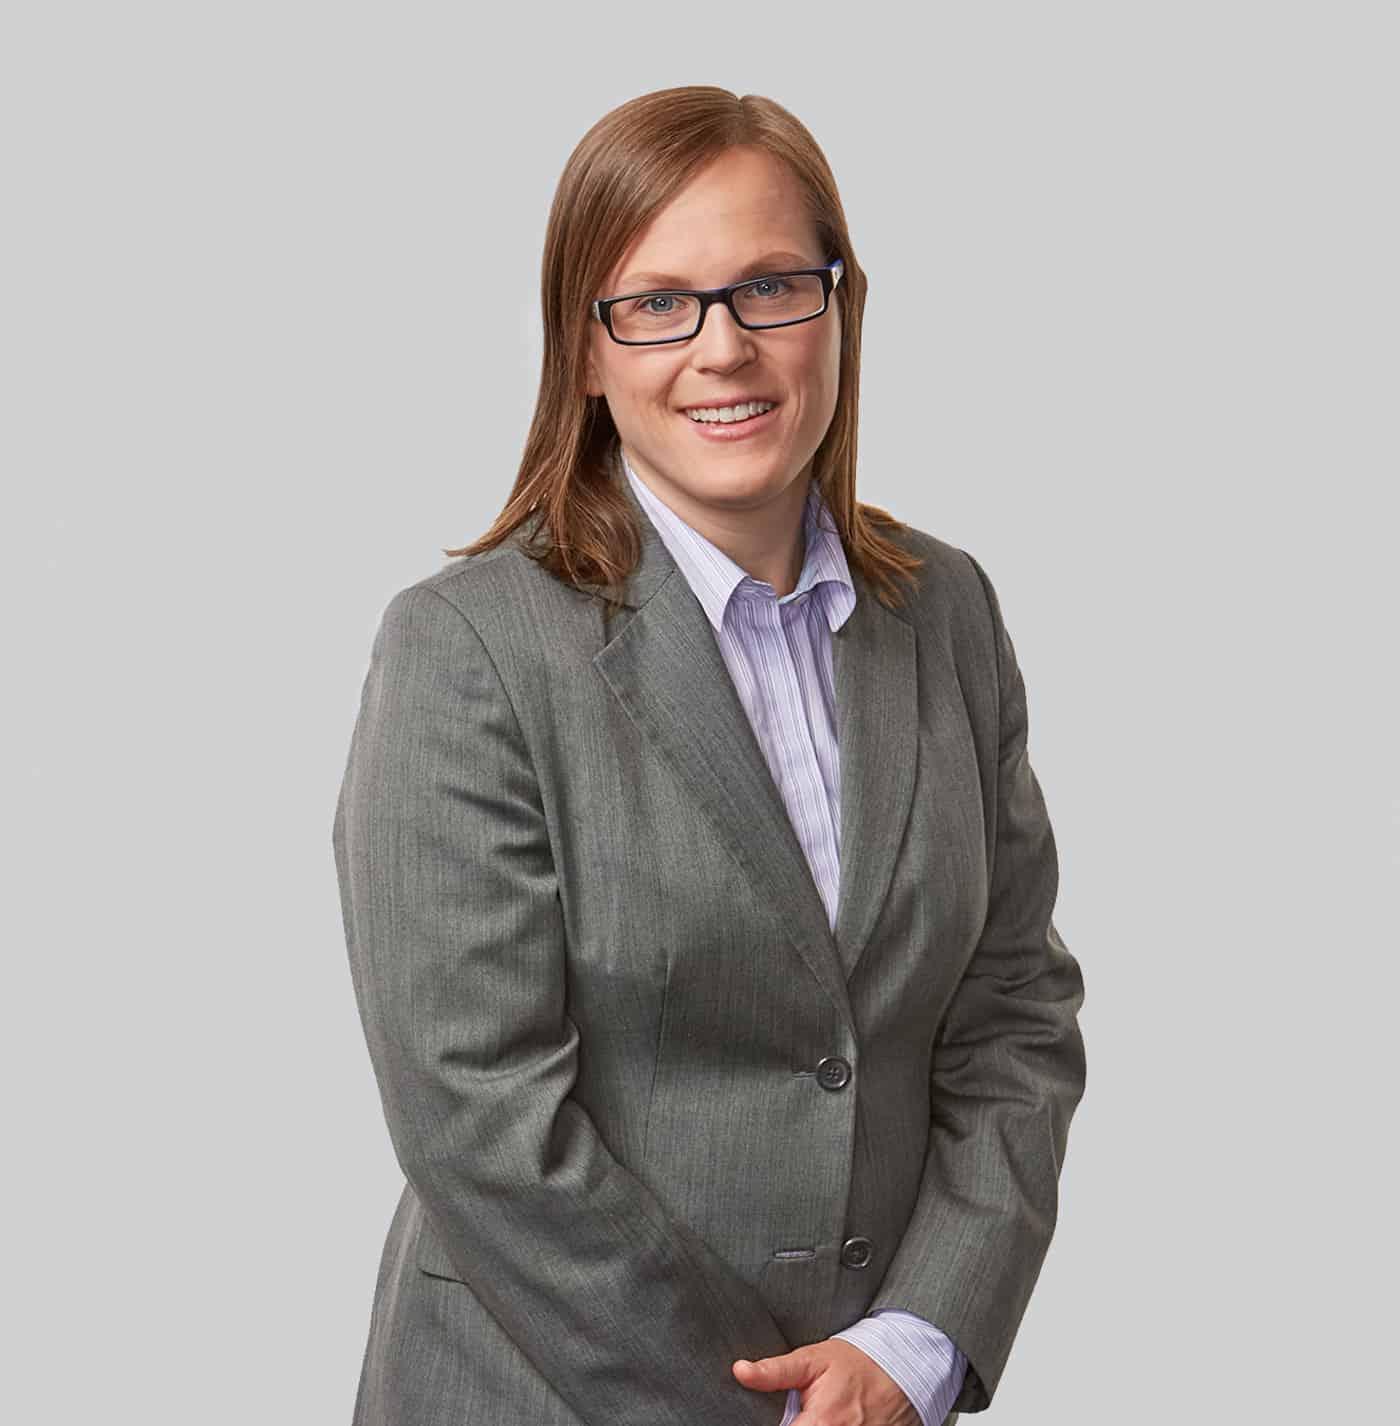 Jennifer Klinck